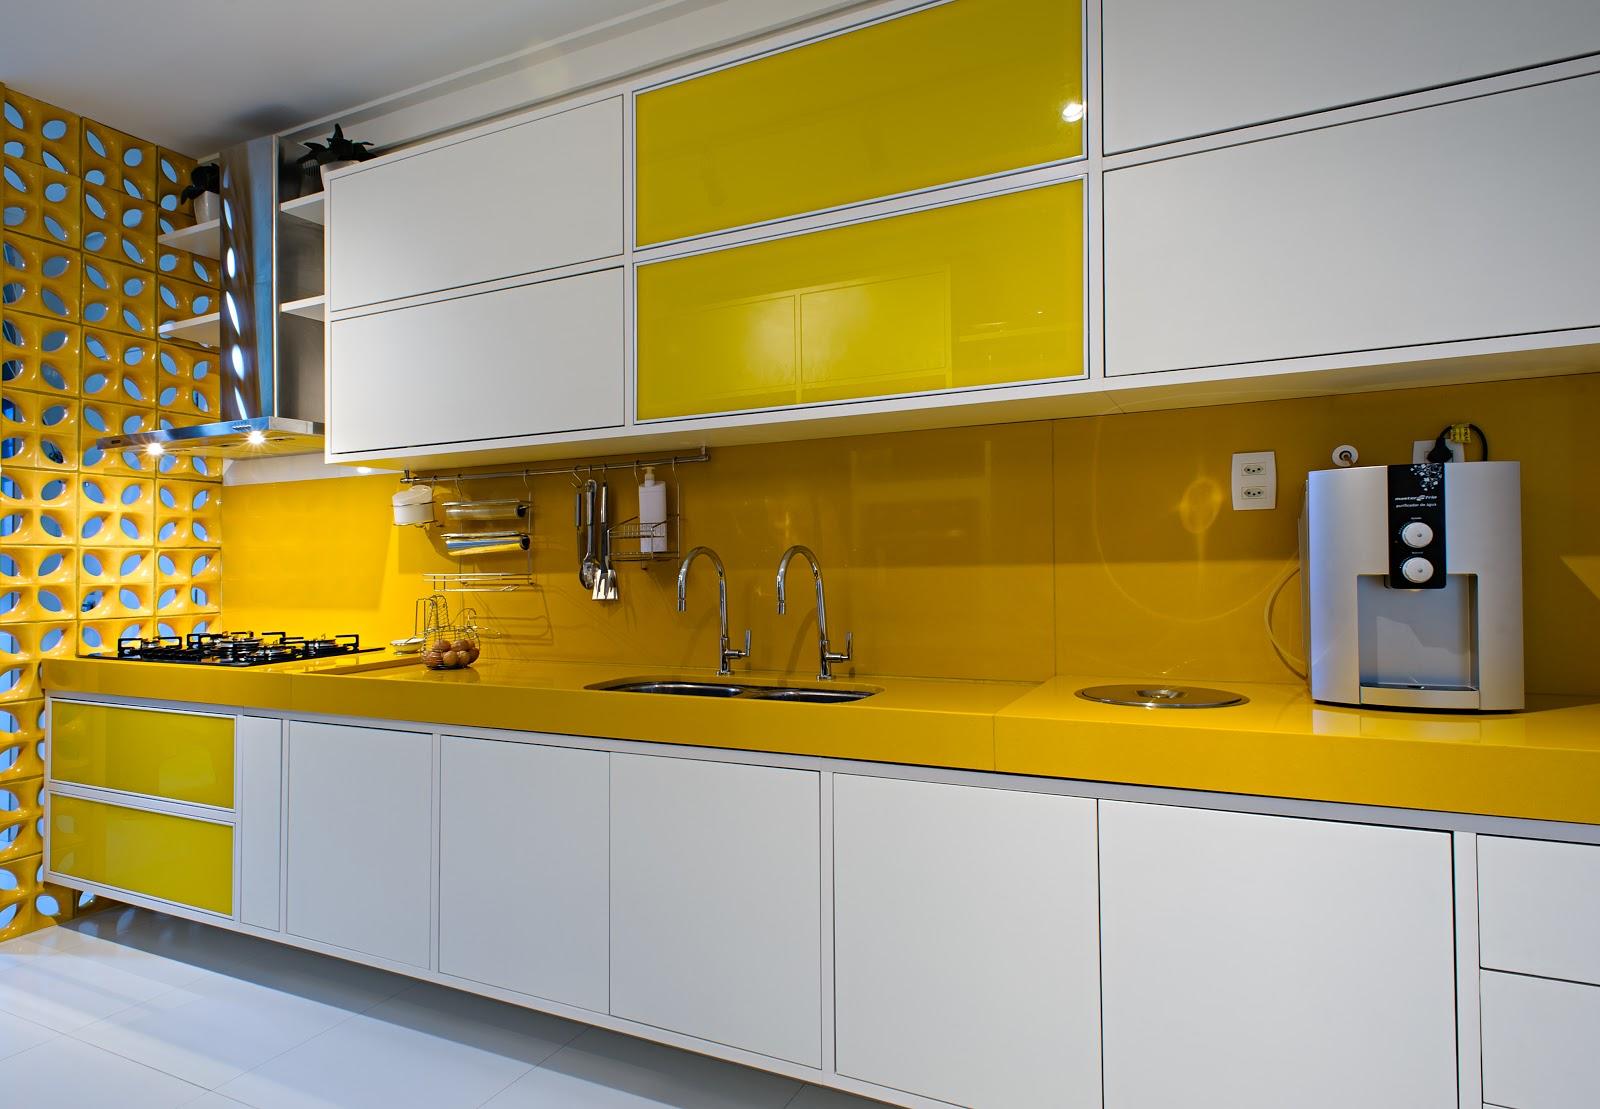 uso do marmoglass amarelo em bancada de cozinha prática #BE9403 1600x1109 Bancada Banheiro Marmoglass